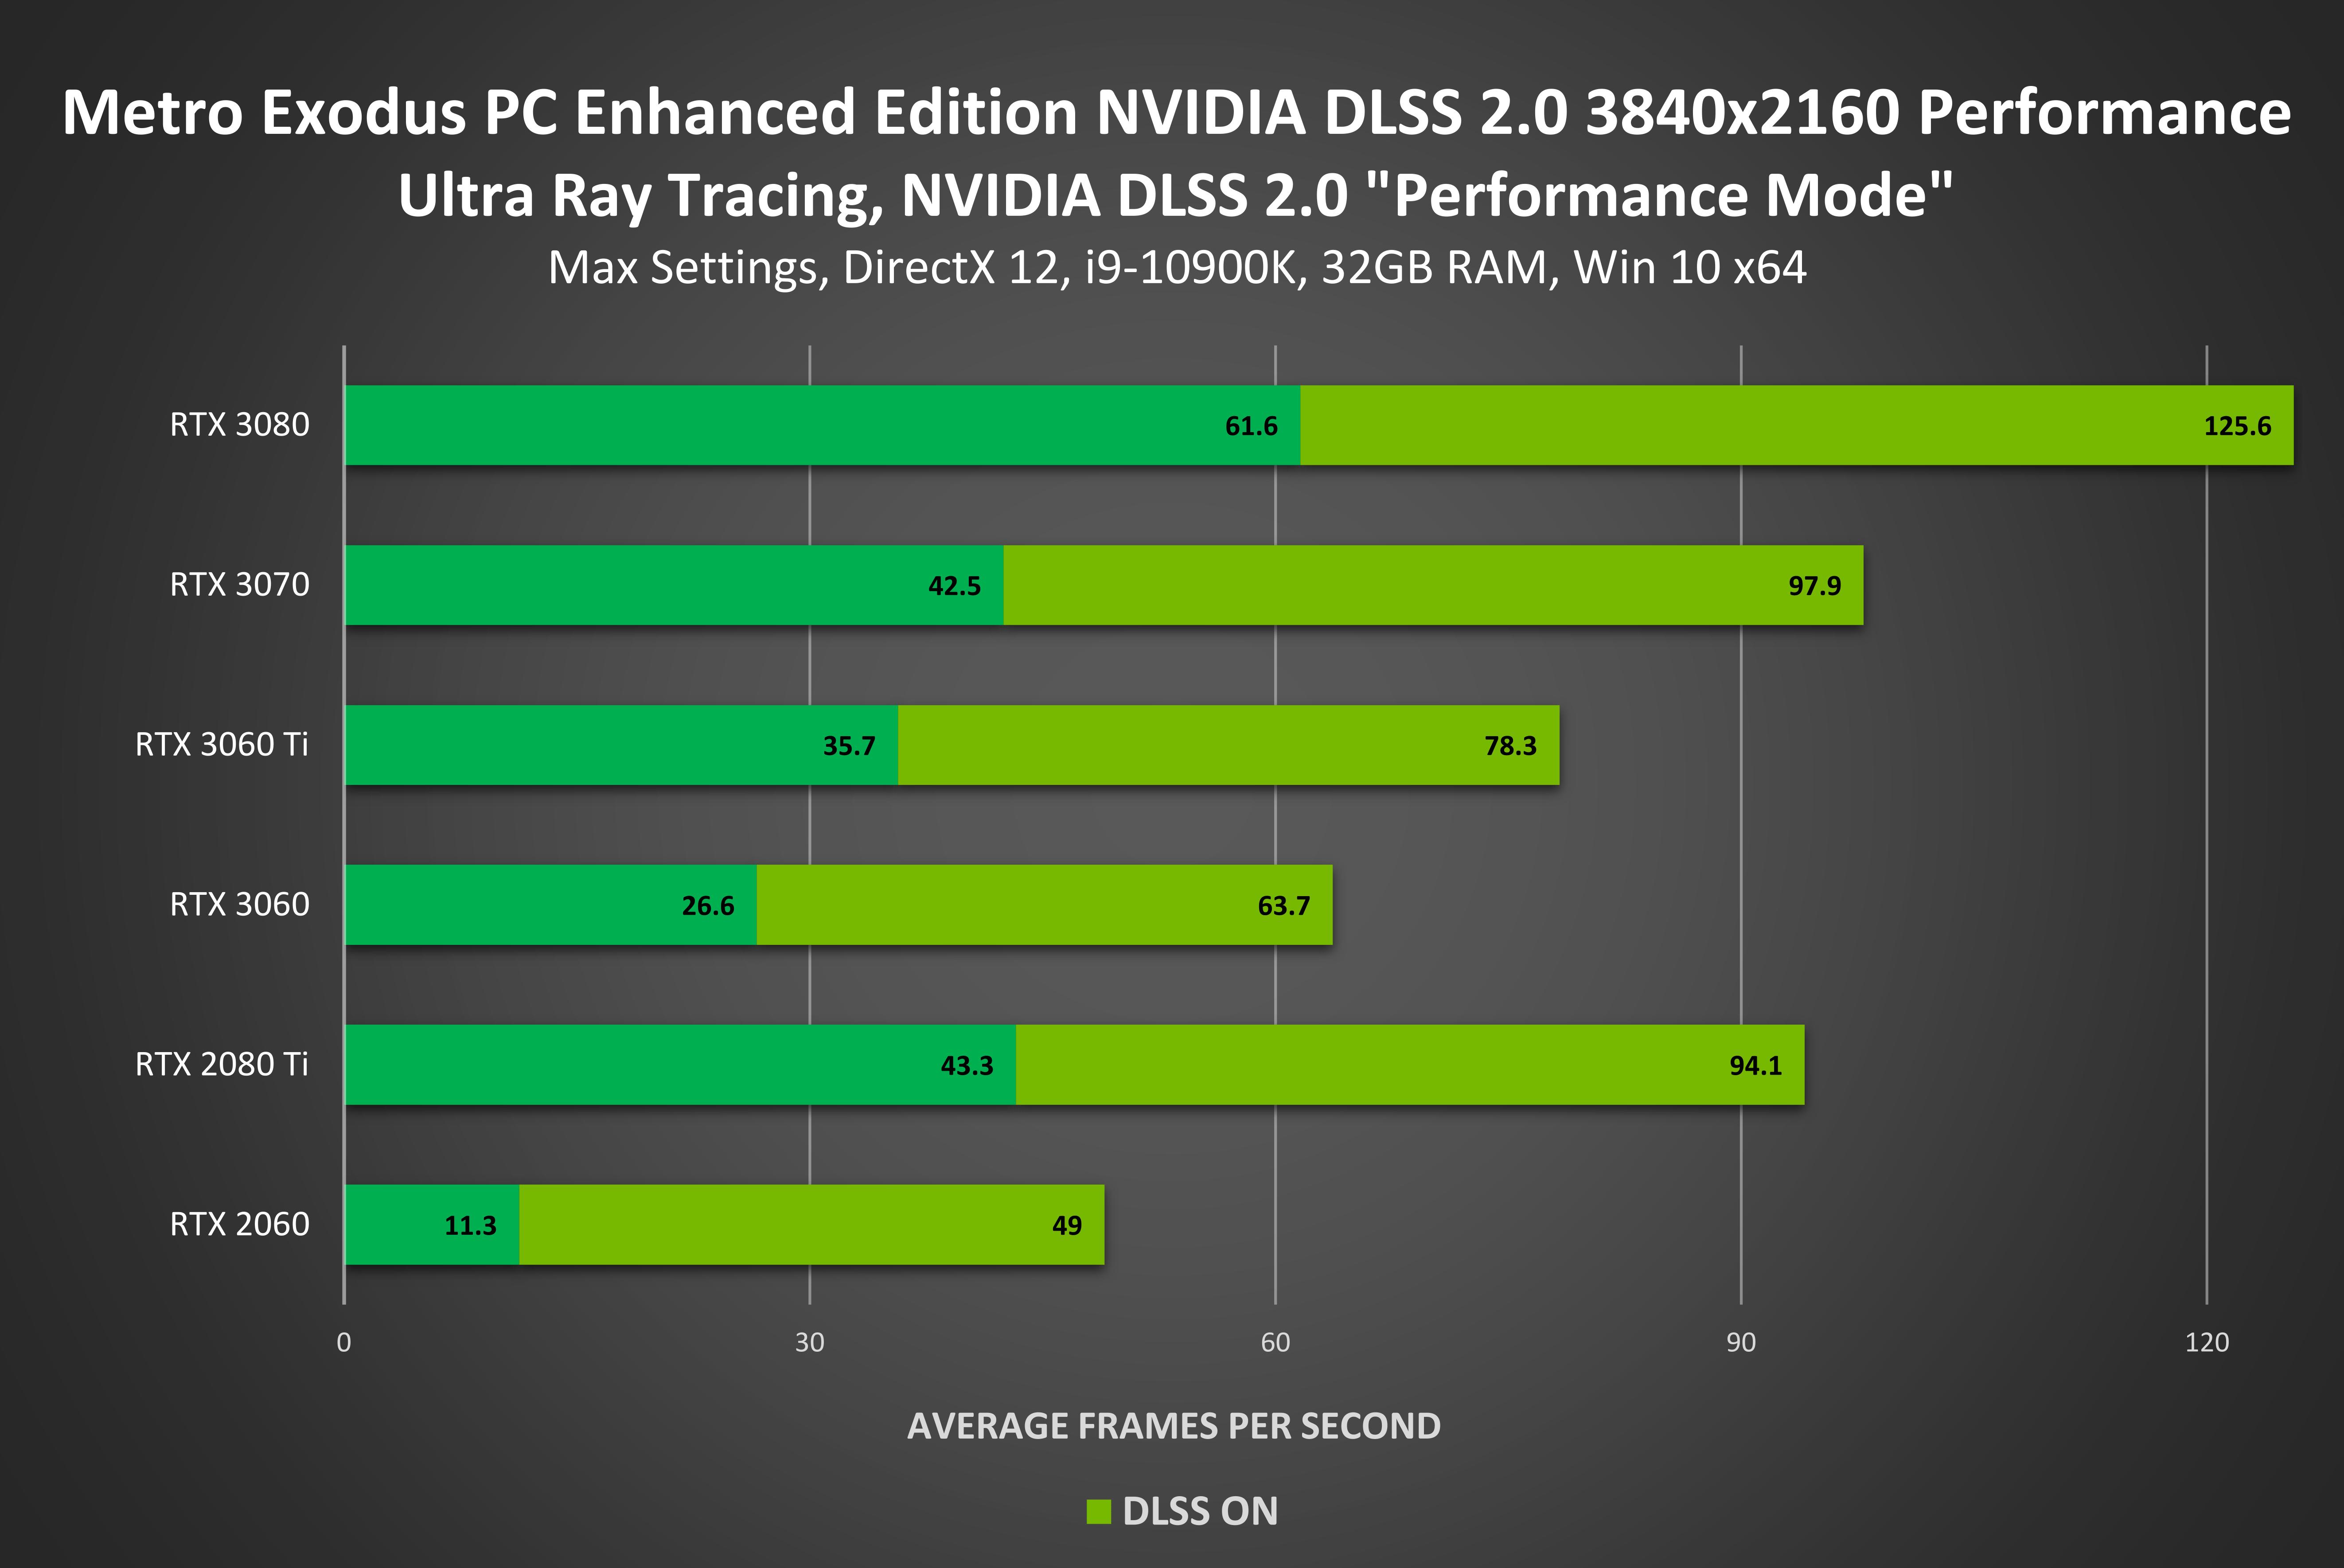 Hệ sinh thái xoay quanh tính năng DLSS của NVIDIA ngày càng được mở rộng và mới nhất là tựa game No Man's Sky